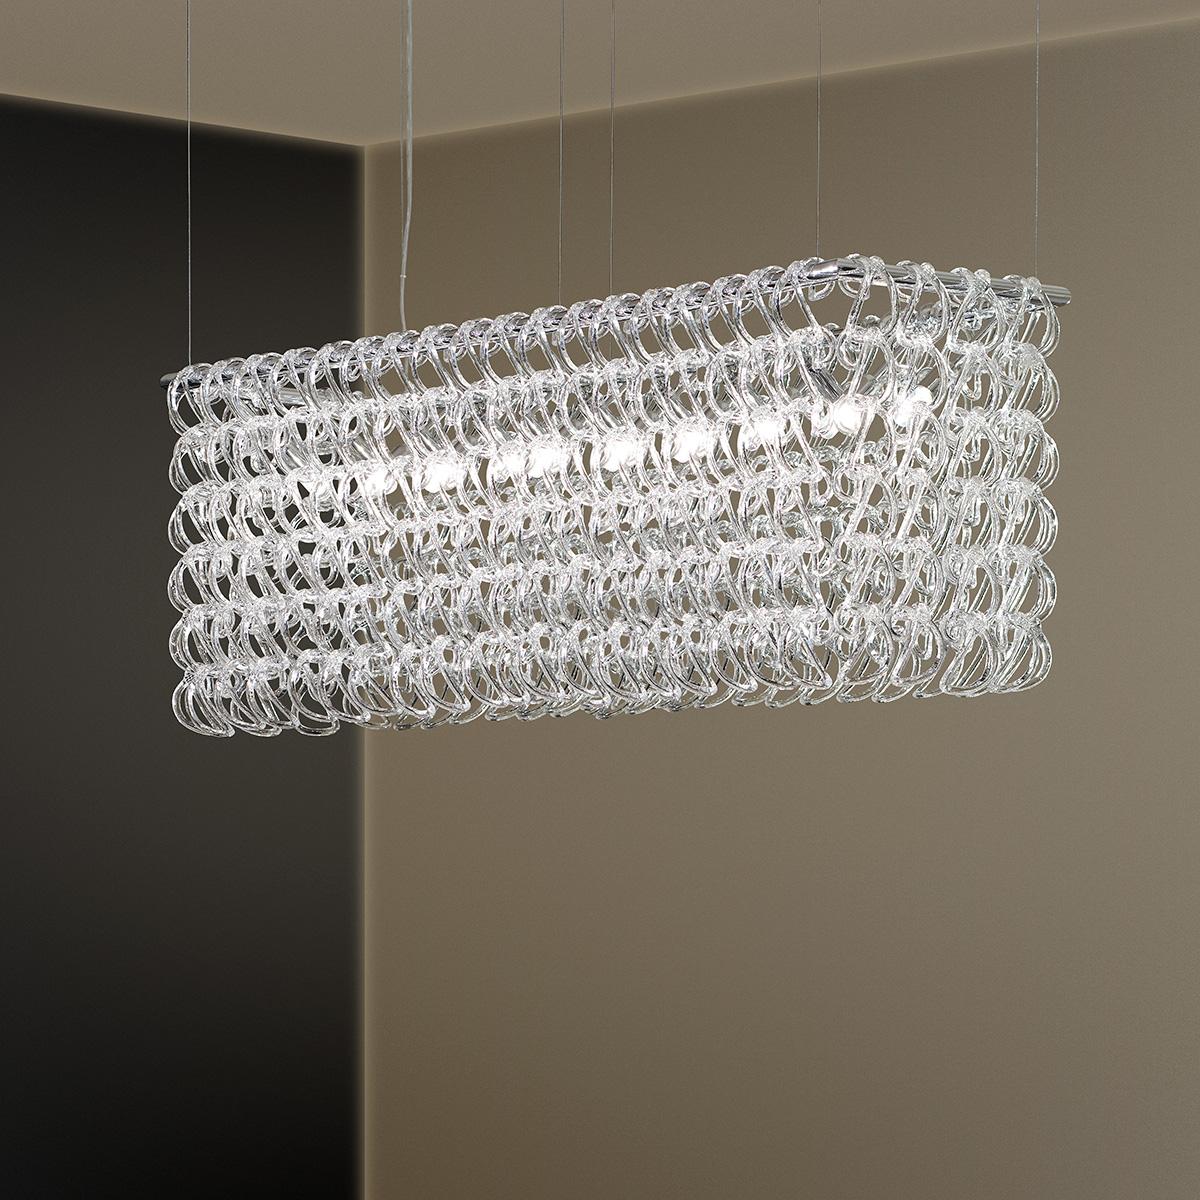 Πολύφωτο με κρύσταλλα Μουράνο ΓΑΝΤΖΟΙ murano crystal chandelier